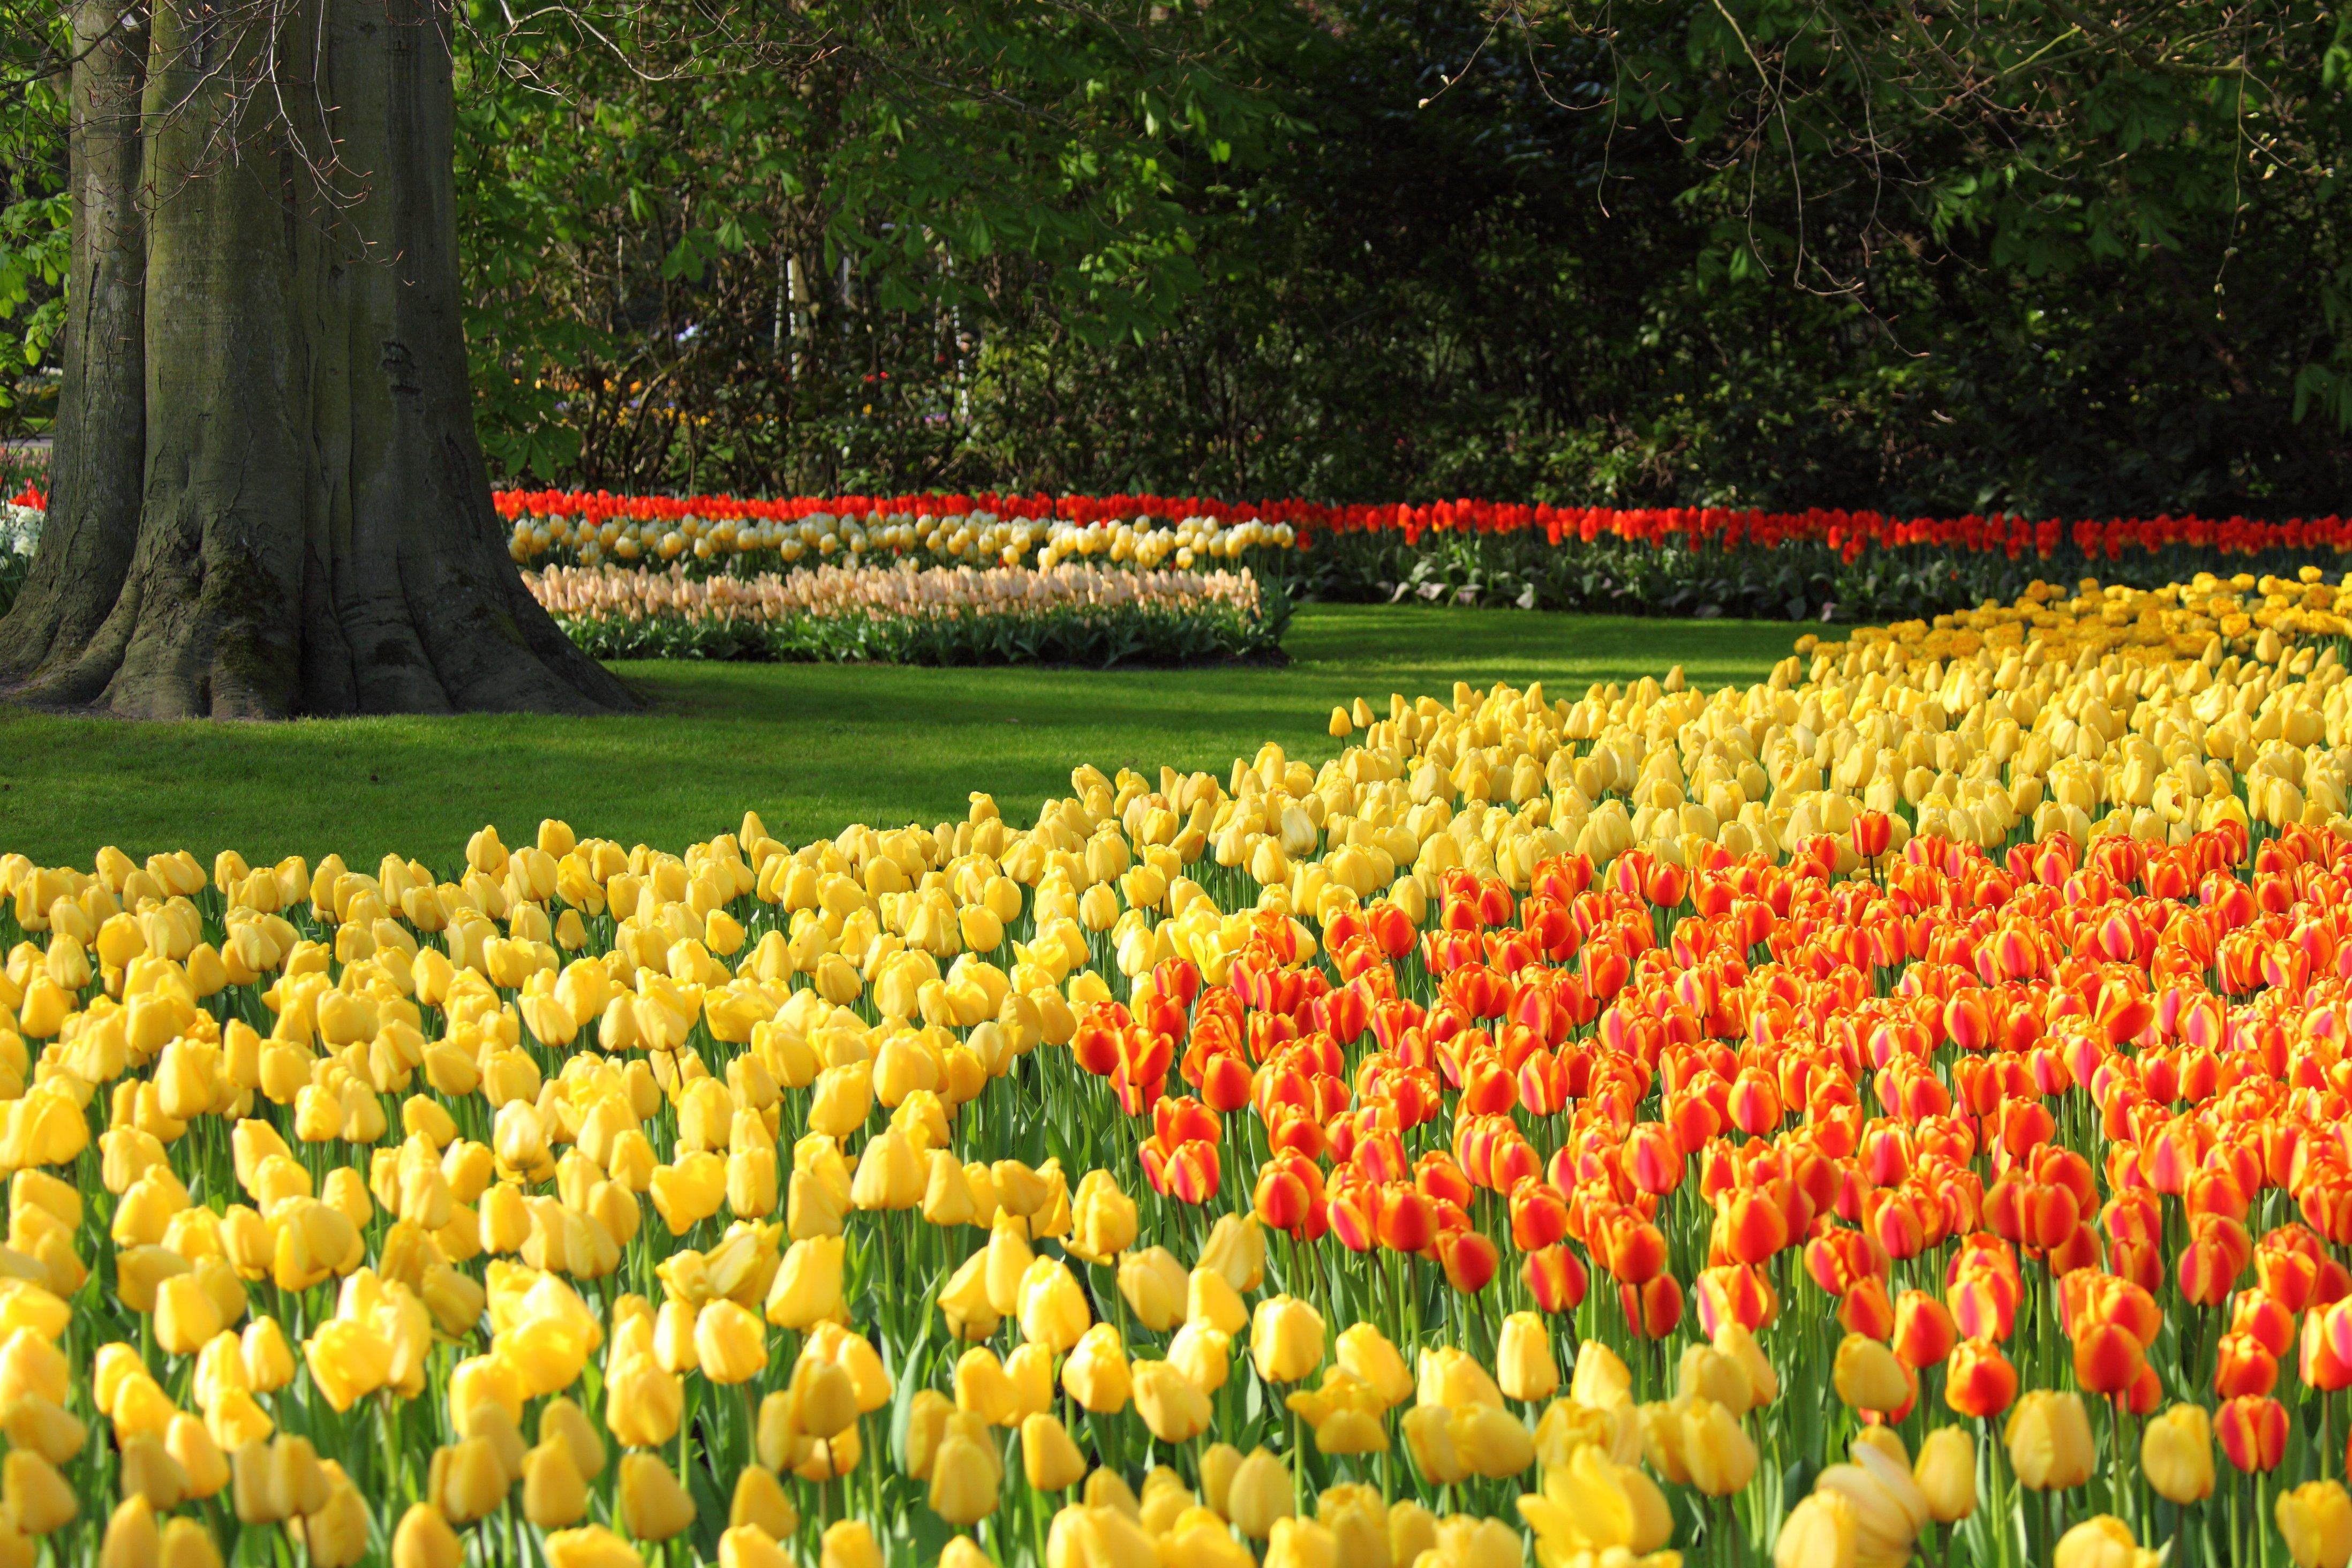 Gambar Menanam Bidang Bunga Tulp Jeruk Merah Kuning Taman Bunga Bunga Belanda Latar Belakang Umbi Tulip Tanaman Berbunga Keluarga Lily Tanaman Tanah 4392x2928 1159273 Galeri Foto Pxhere